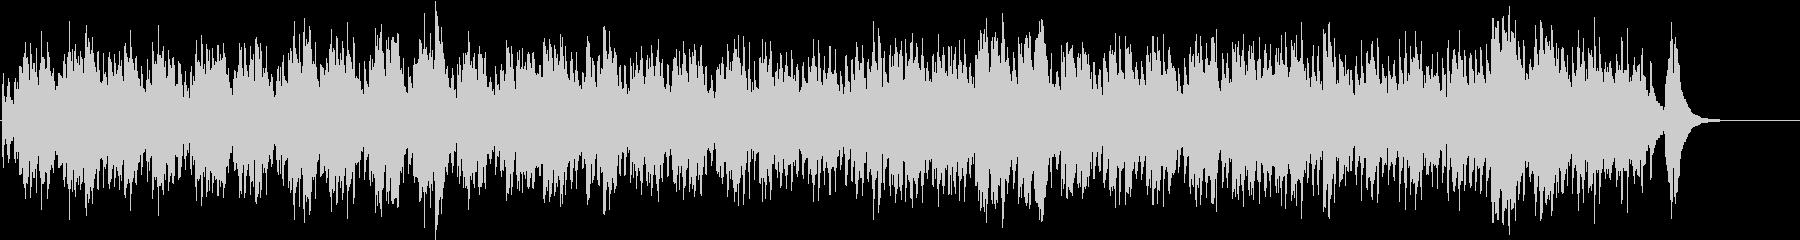 平均律第1番 前奏曲 バッハ ハープの未再生の波形